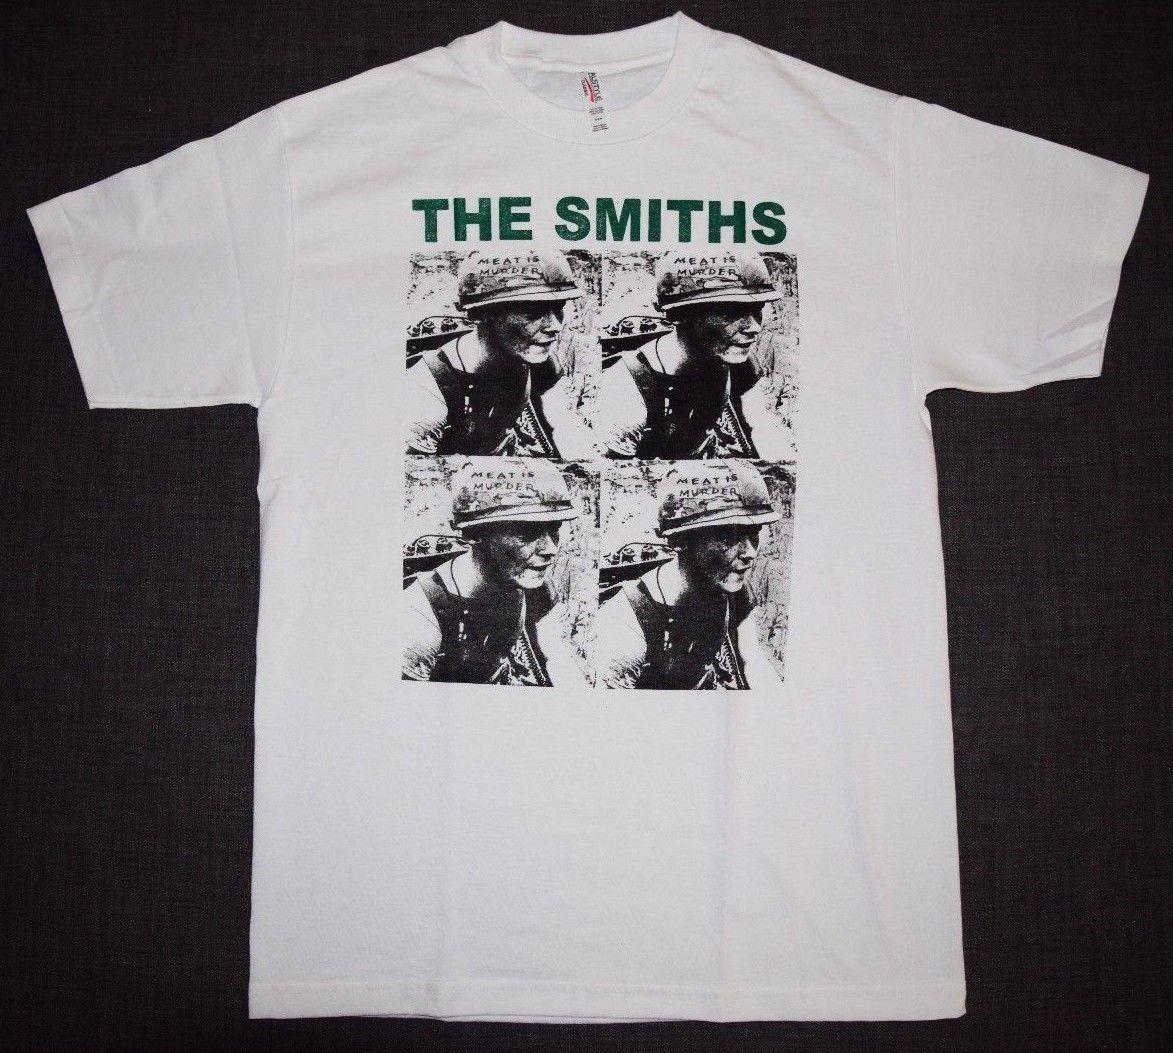 Beastie Boys Hip Hop Boombox Men/'s White T-Shirt  NEW S M L XL 2XL 3XL 4XL 5XL